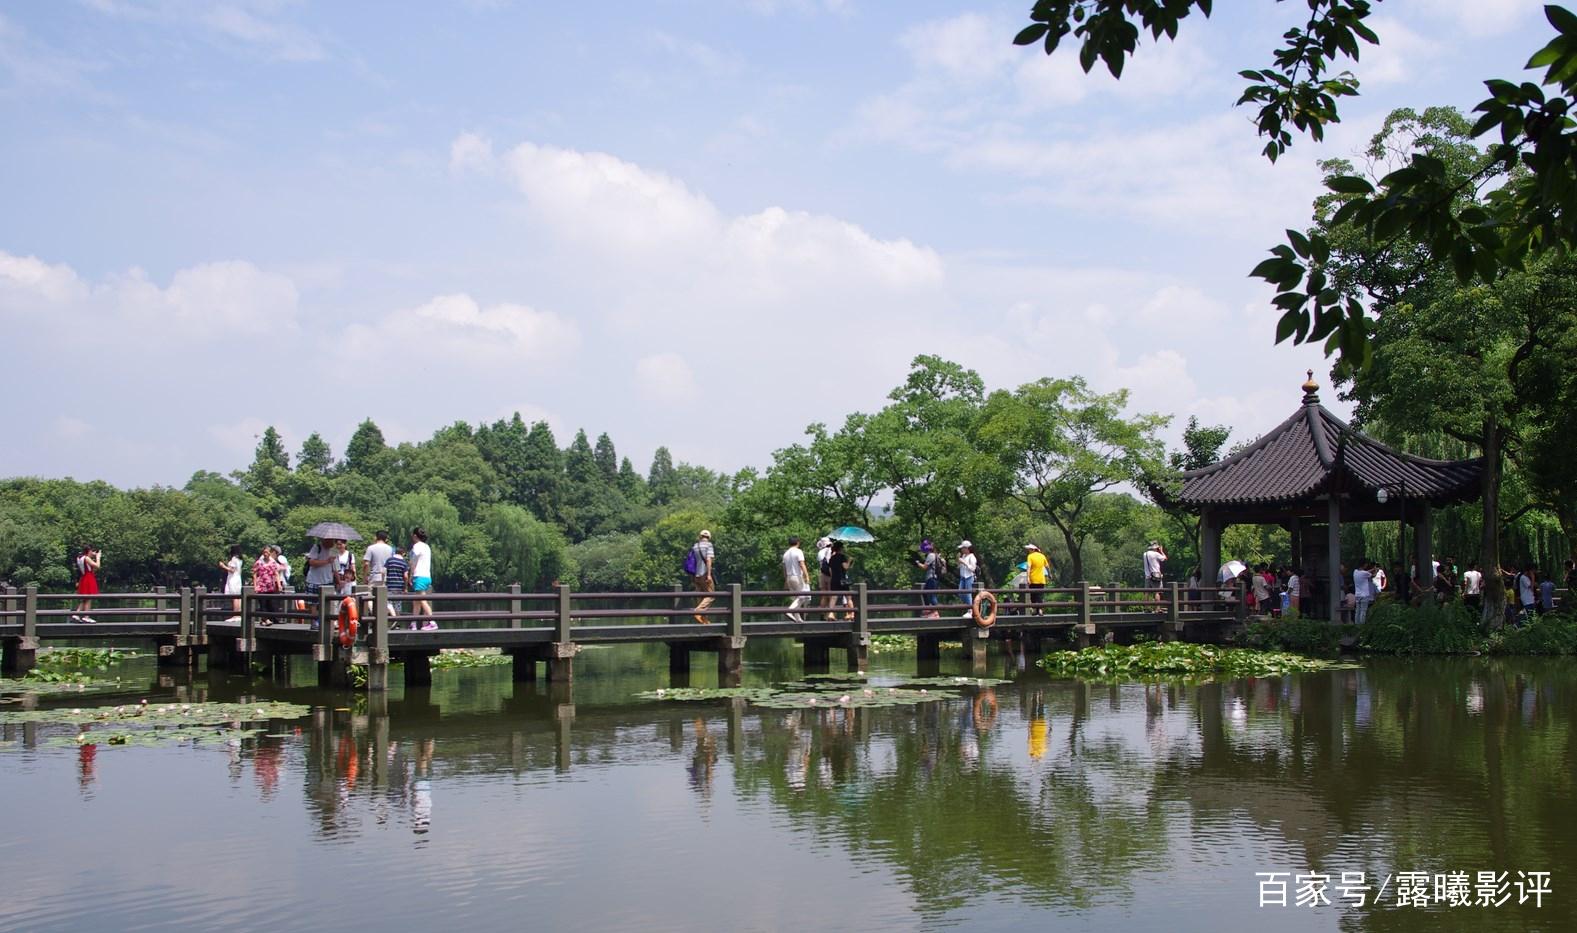 赏心悦目的雄伟杭州,风景优美,树木茂盛,美不胜收,美好的向往